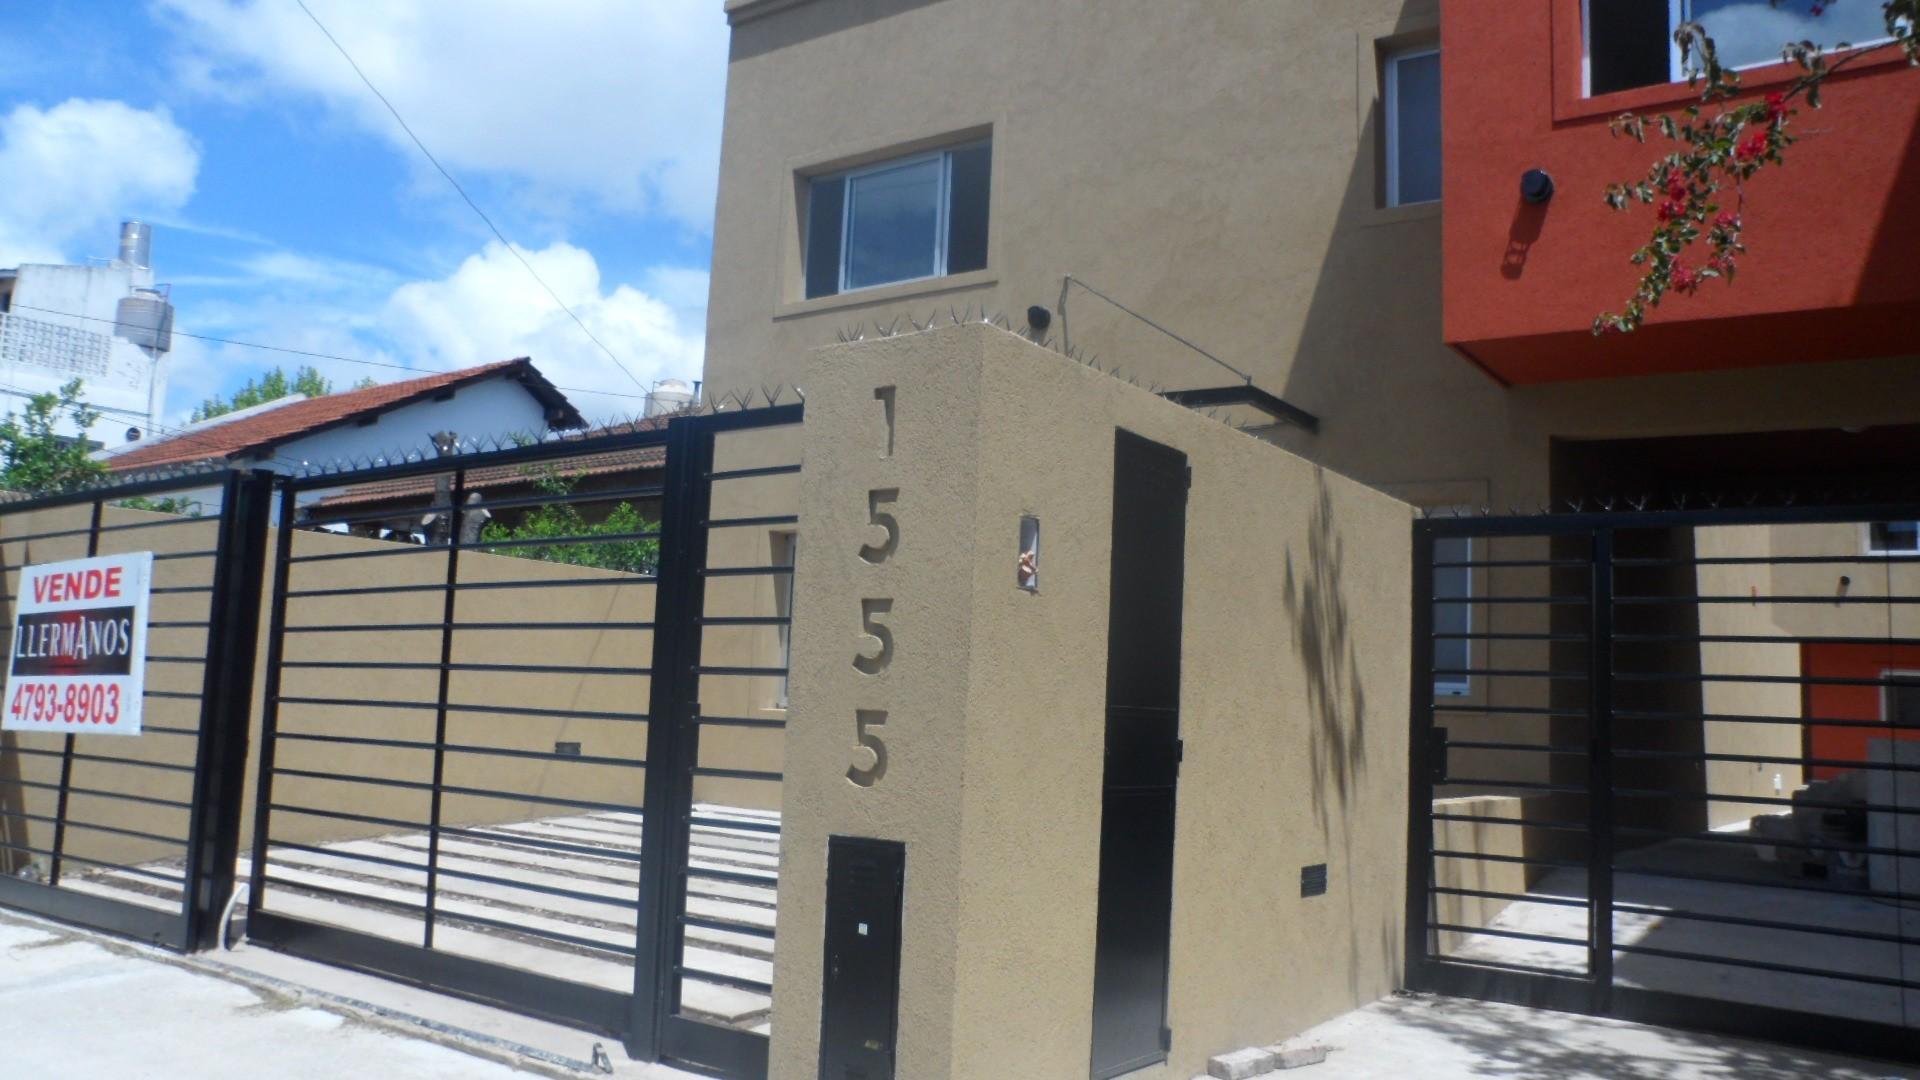 Apto Credito  Duplex Moderno de Categoría 4 Ambientes 2 Plantas Jardín 70mts A 5' Panamericana